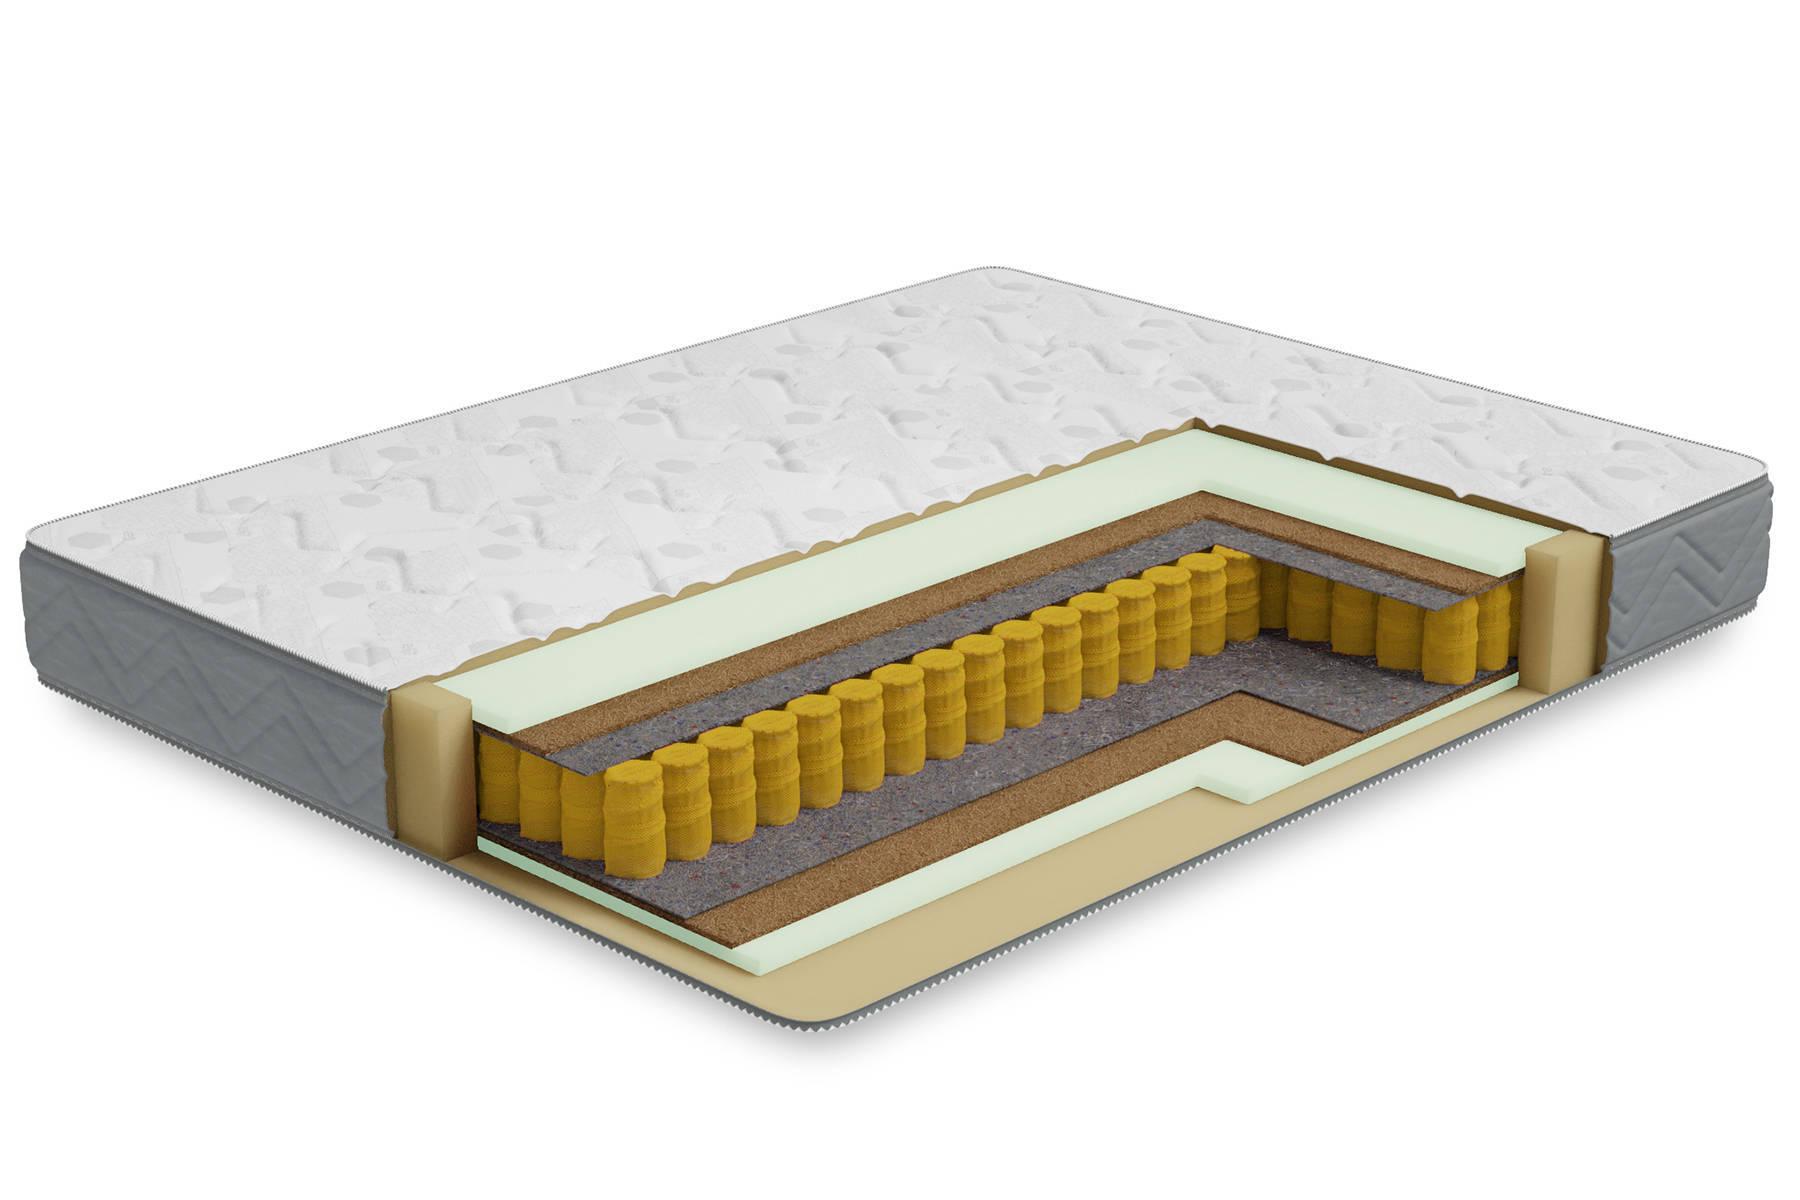 Матрас Престиж - Марсель матрас односпальный столлайн матрас престиж орлеан 900x1900